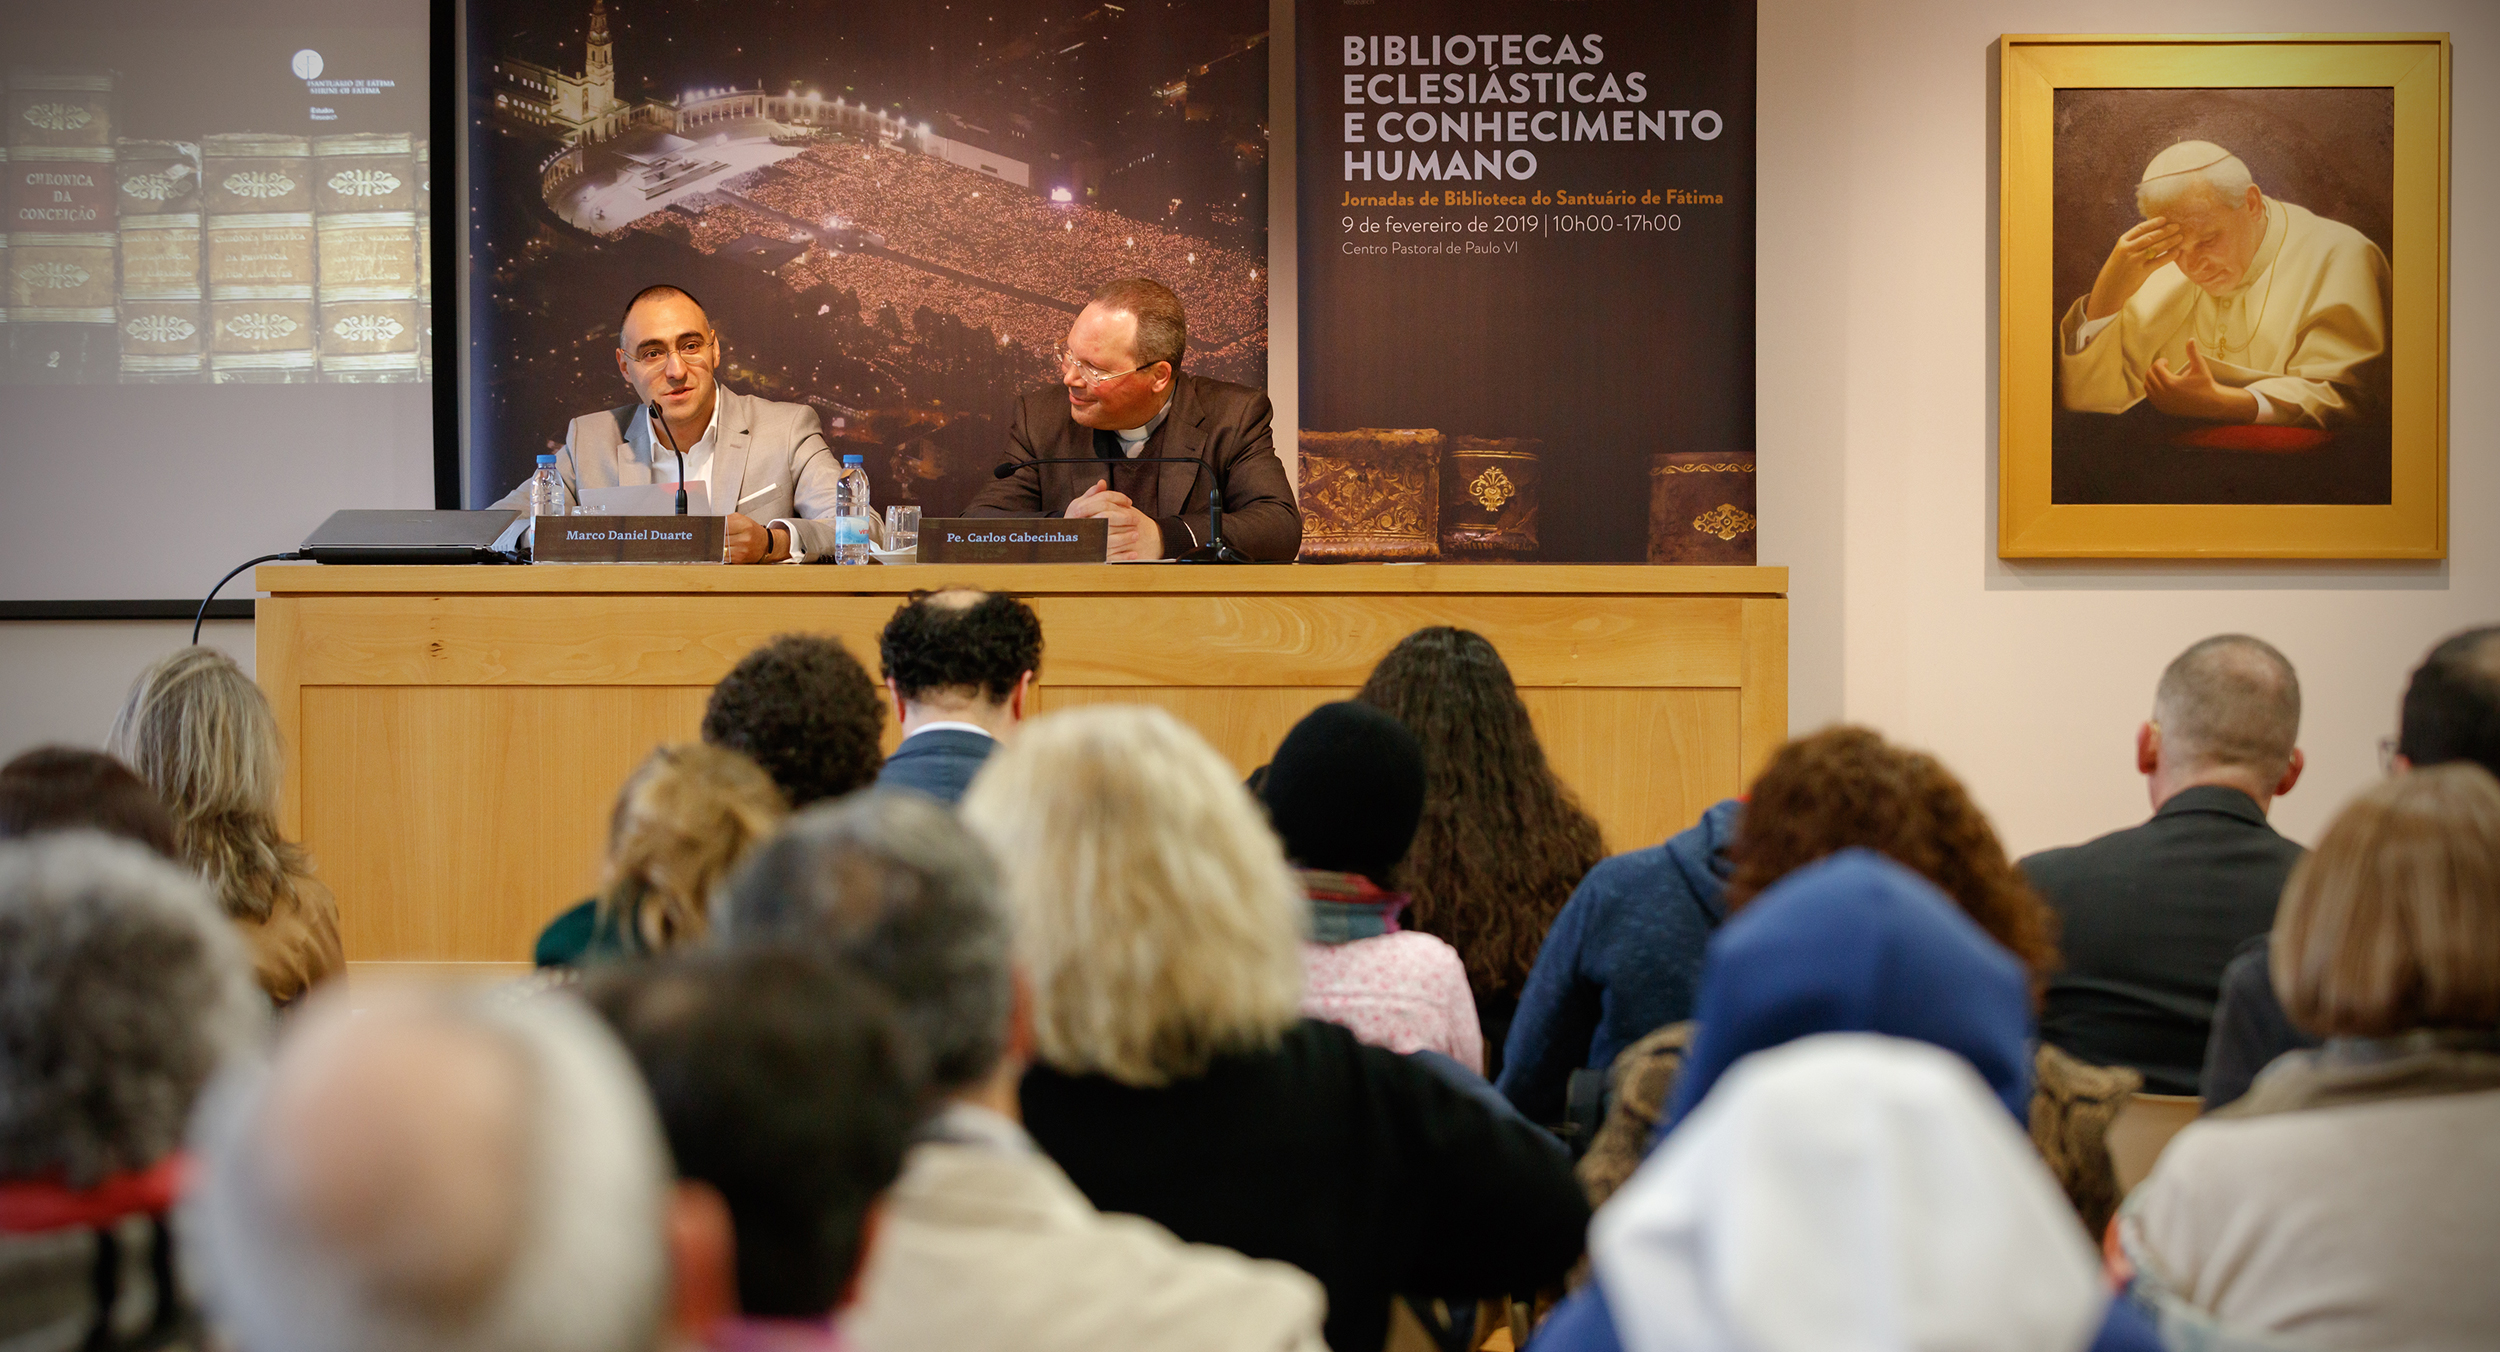 2019-02-09_Jornadas_Biblioteca_2.jpg